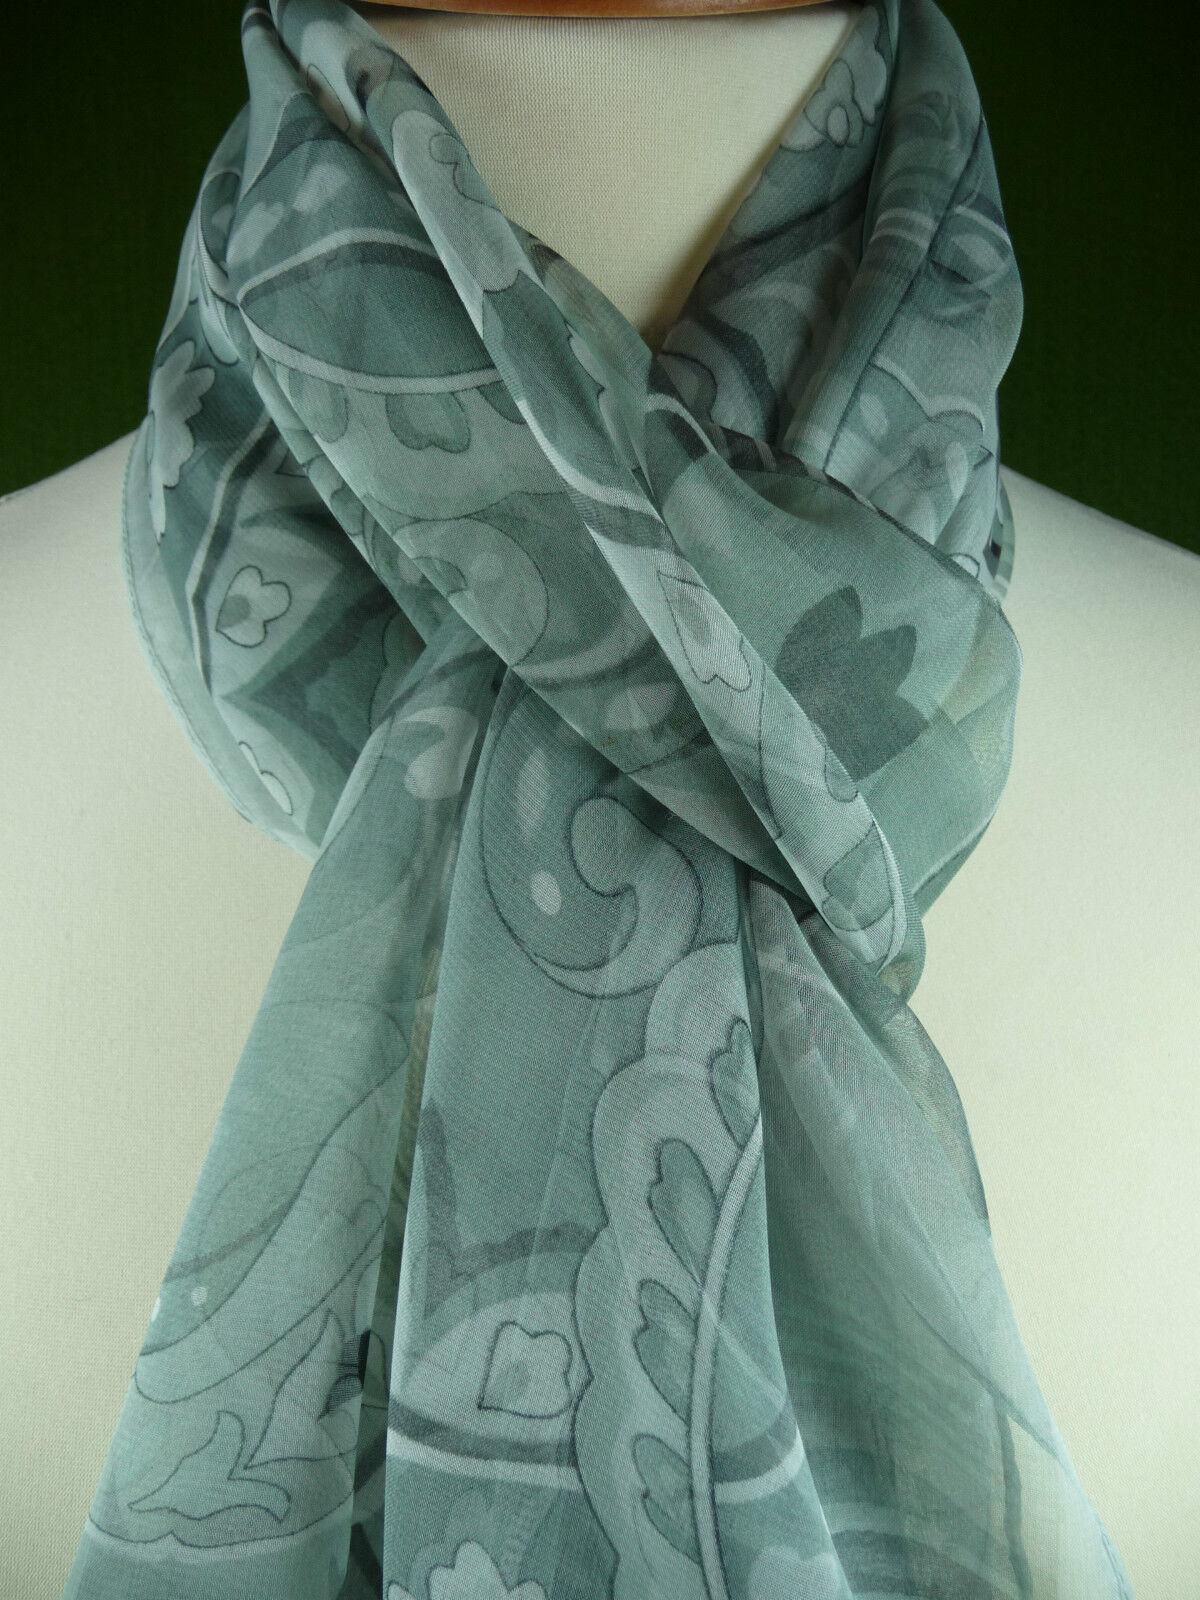 Seidenschal 170 cm   Marlene      Grautöne FLORAL Tuch Seidentuch Scarf Foulard | Elegante Form  | Elegant und feierlich  | Elegantes und robustes Menü  d2bf15